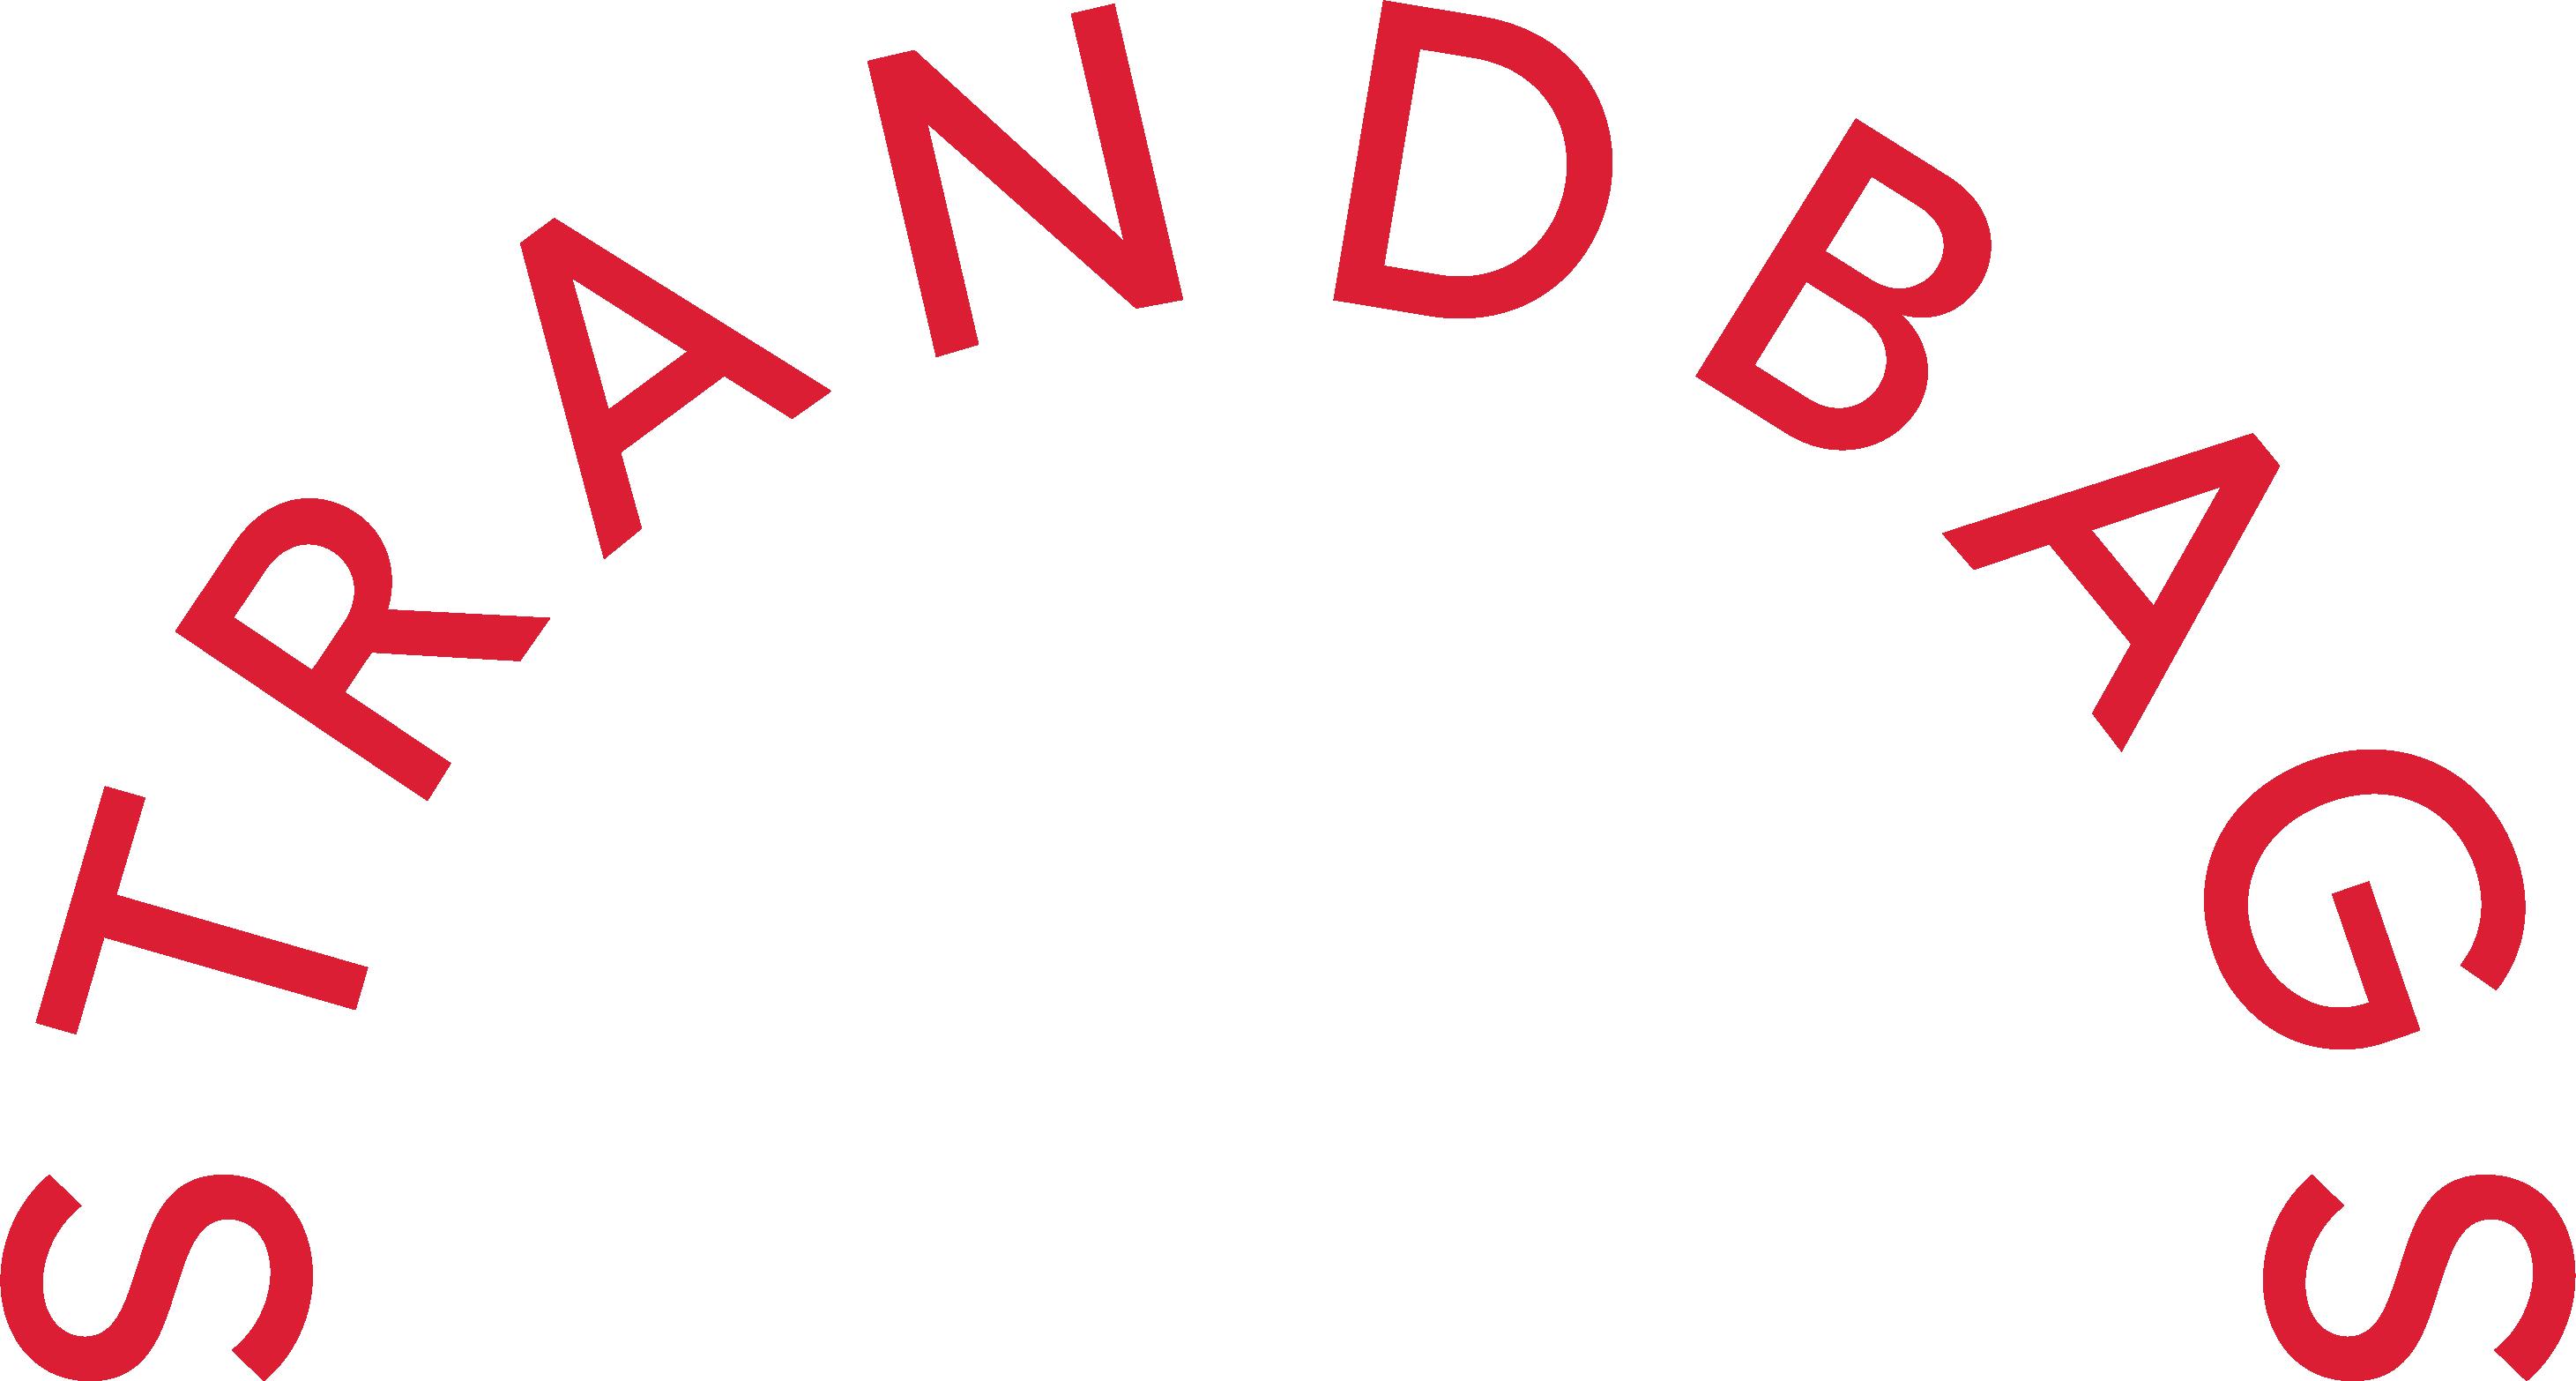 logo for Strandbags